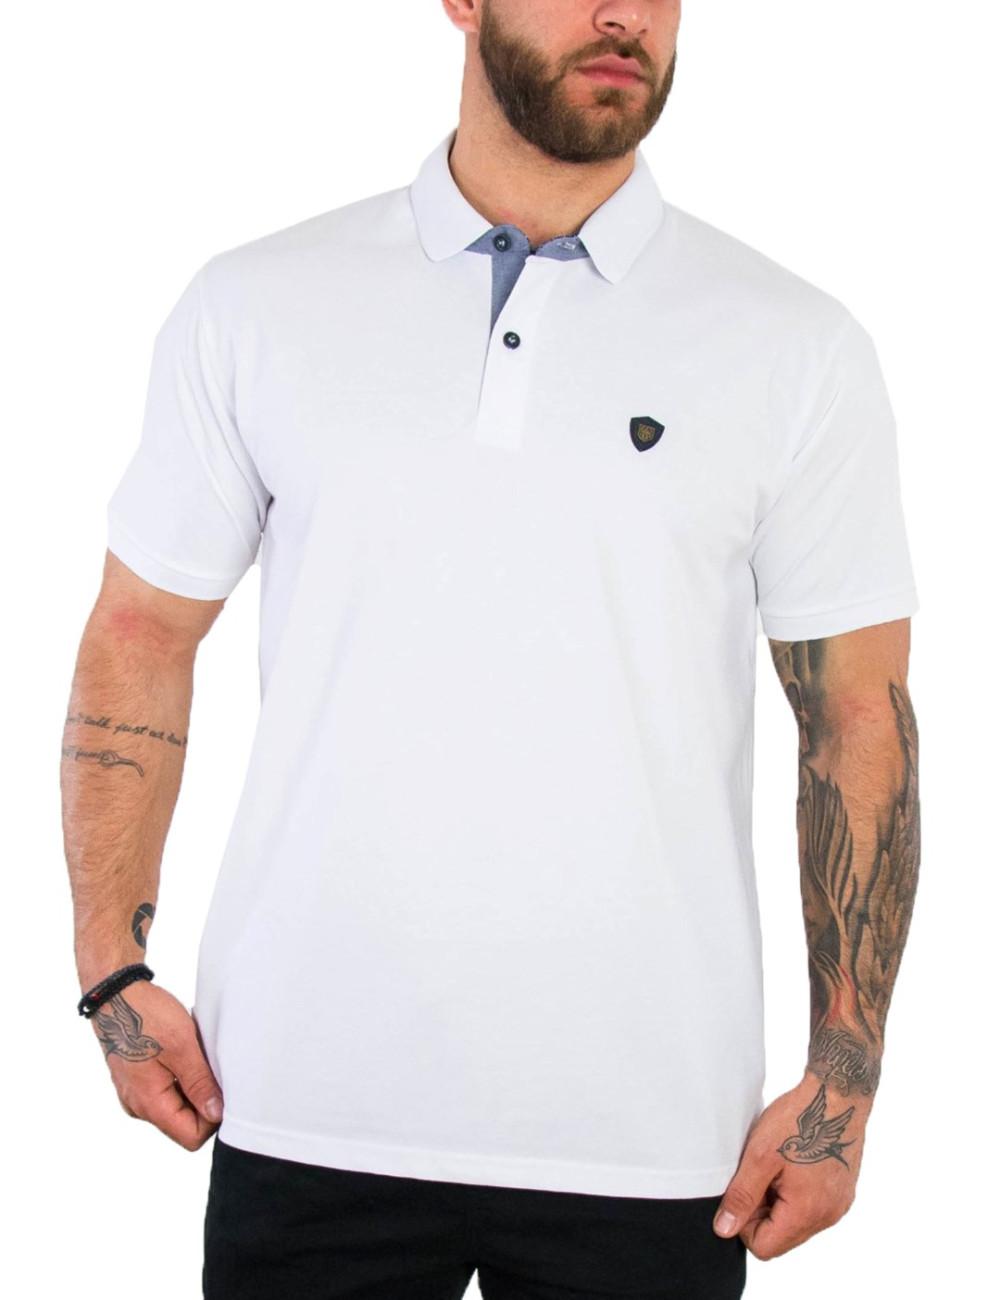 Everbest ανδρική λευκή Polo μπλούζα Plus Size 212838